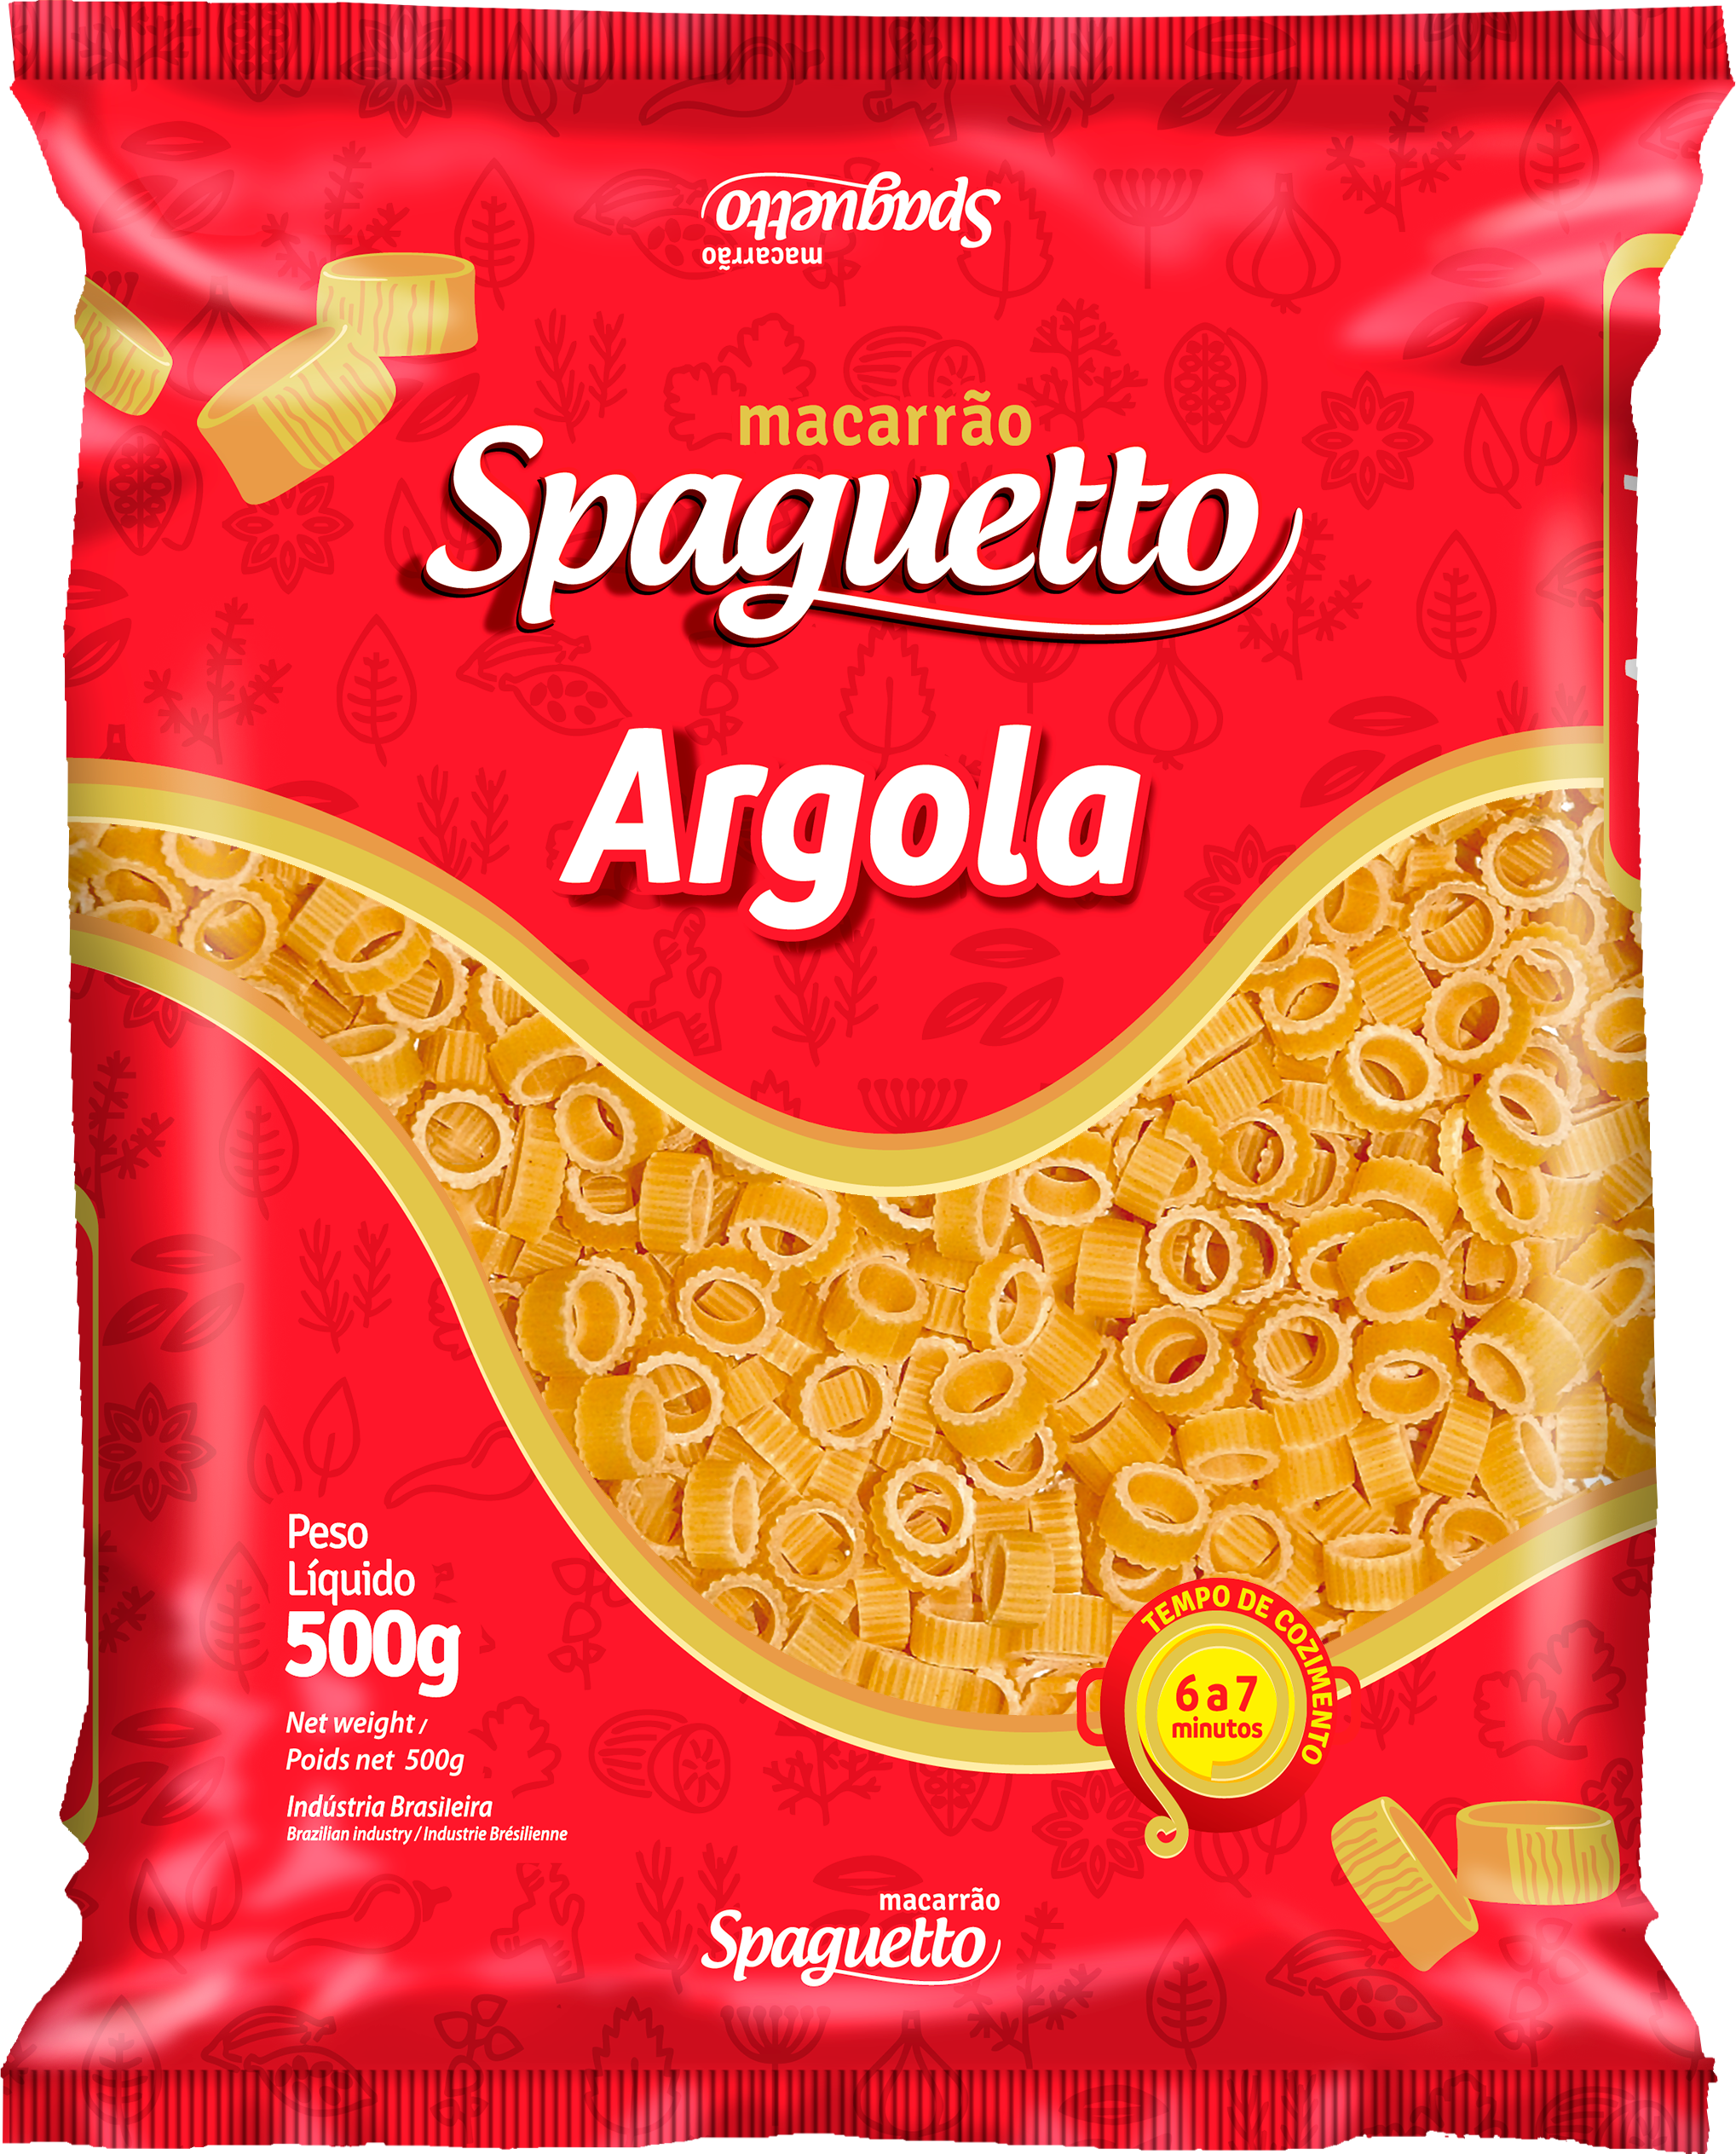 Macarrão Spaguetto Argola